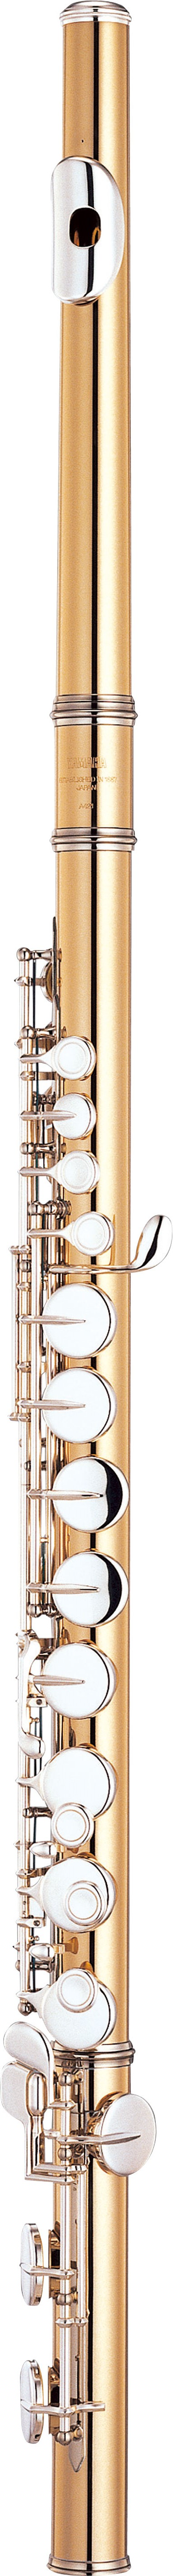 Yamaha - YFL - A - 421 - II - gerade - Holzblasinstrumente - Alt-Flöten | MUSIK BERTRAM Deutschland Freiburg